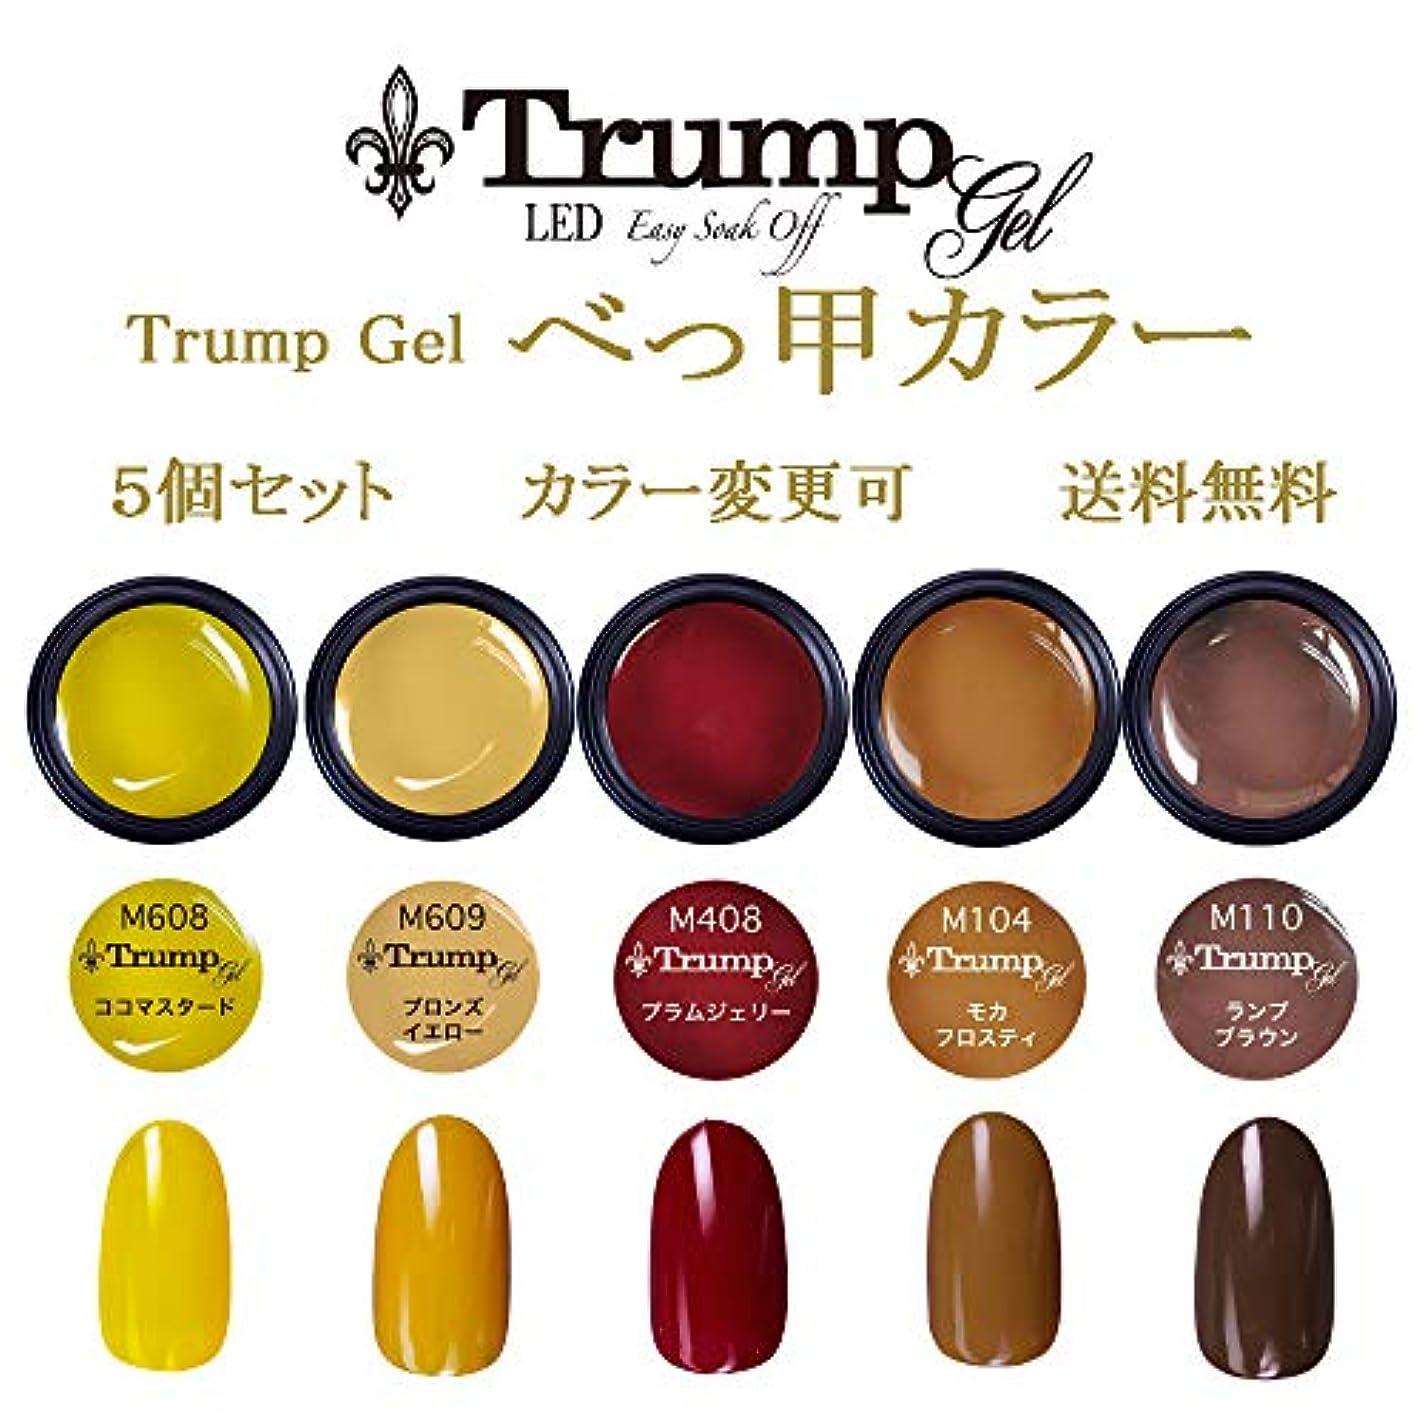 結晶プレゼン電報日本製 Trump gel トランプジェル べっ甲 ネイルカラー 選べる カラージェル 5個セット イエロー ブラウン ワイン べっこう